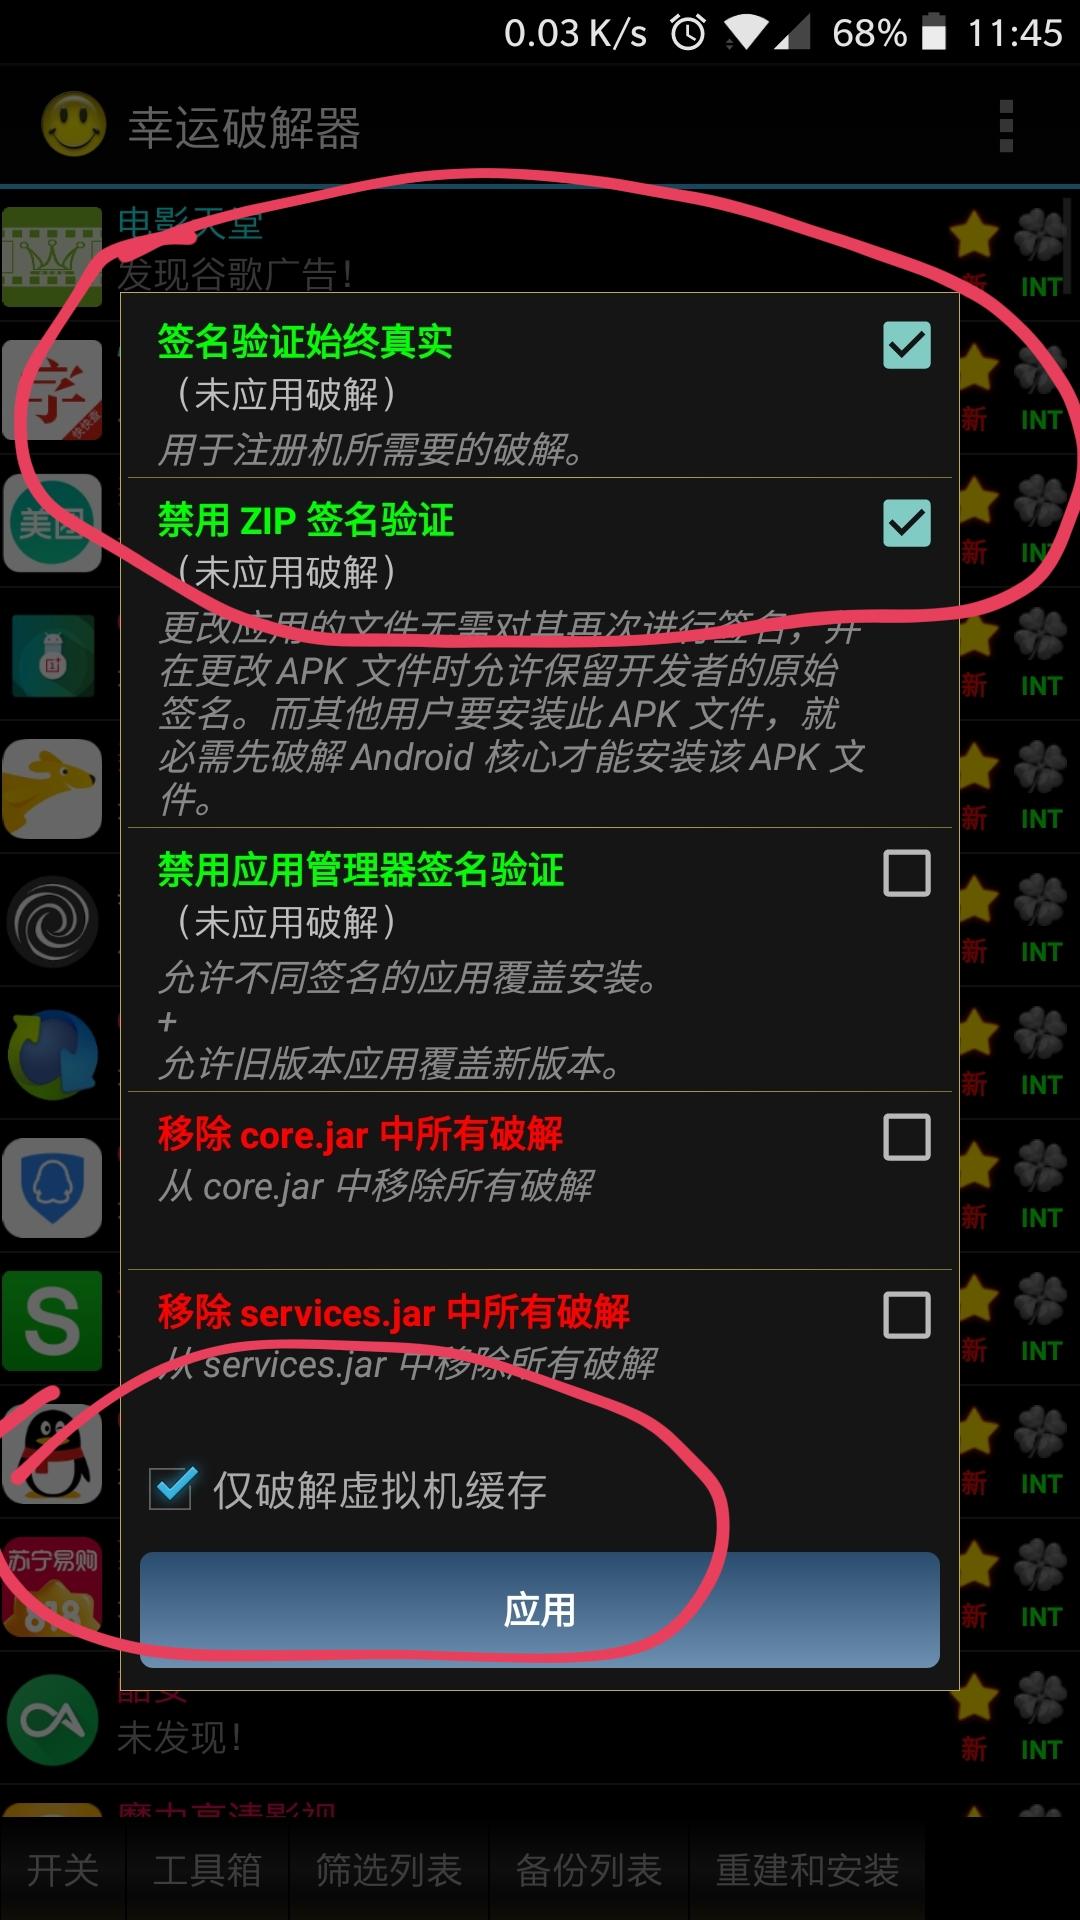 Screenshot_20170720-114525_mh1500522634724.jpg